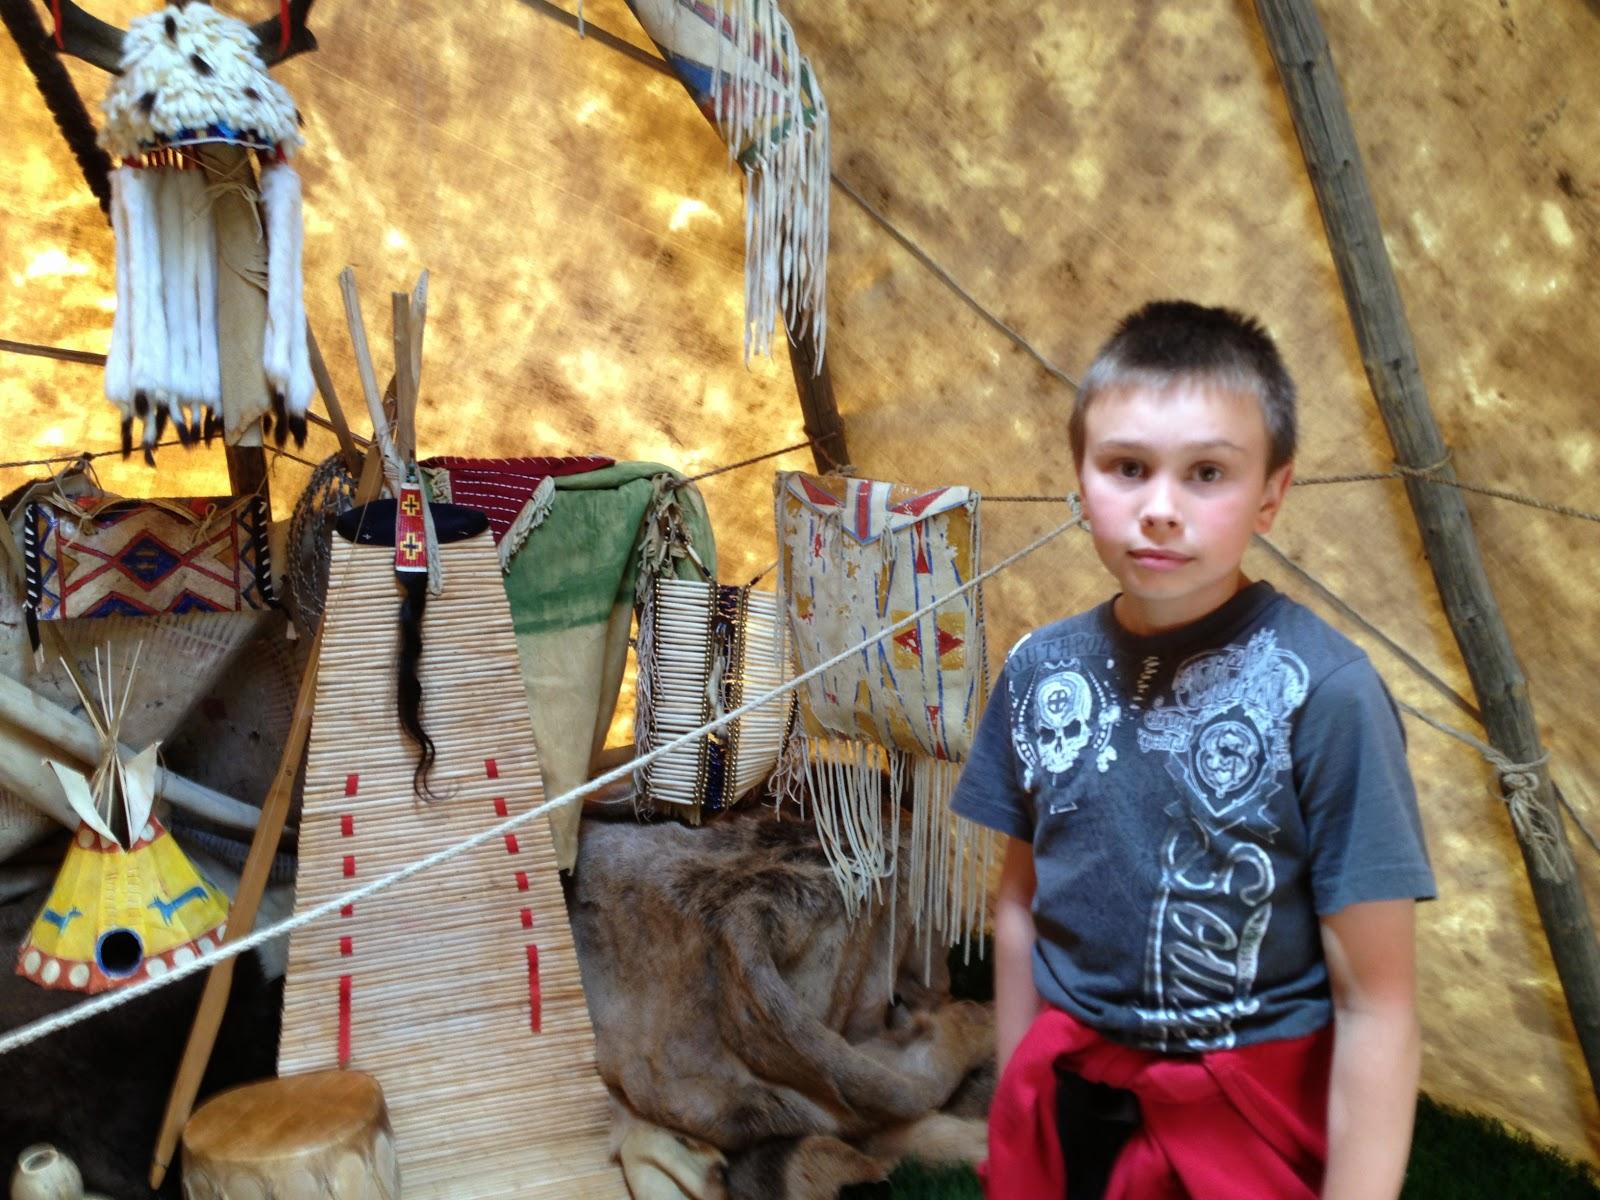 Так же мы посетили индейский шалаш или дом. Не знаю как правильно его назвать.